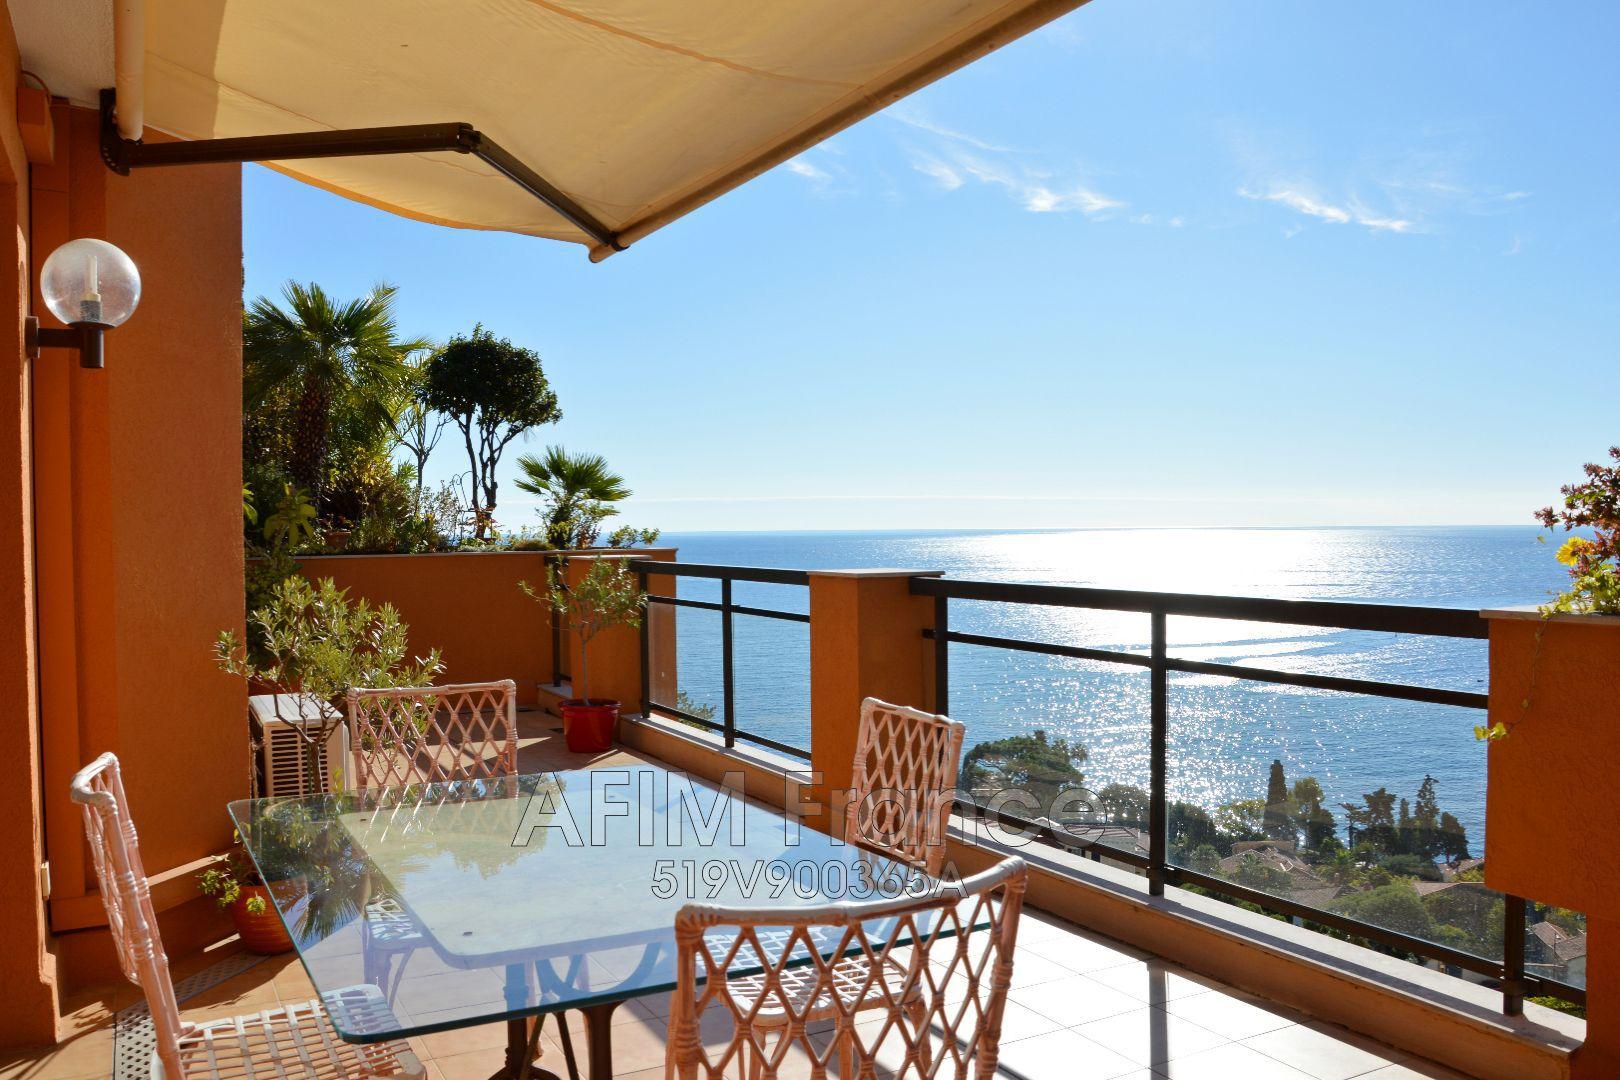 achat appartement Roquebrune : quel est le prix du m² dans cette commune ?